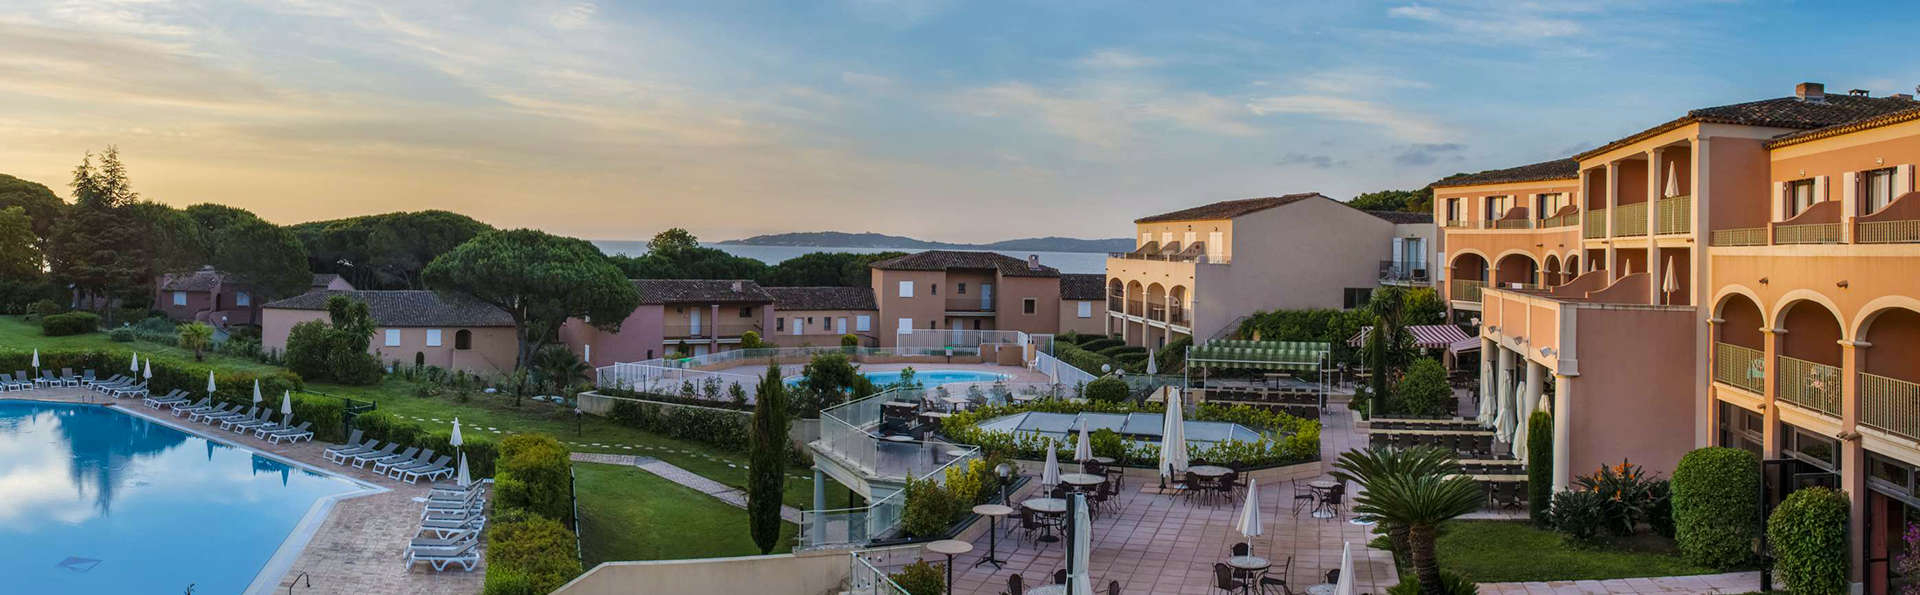 Hôtel Les Jardins De Sainte-Maxime 3* - Sainte-Maxime, France concernant Les Jardins De Ste Maxime